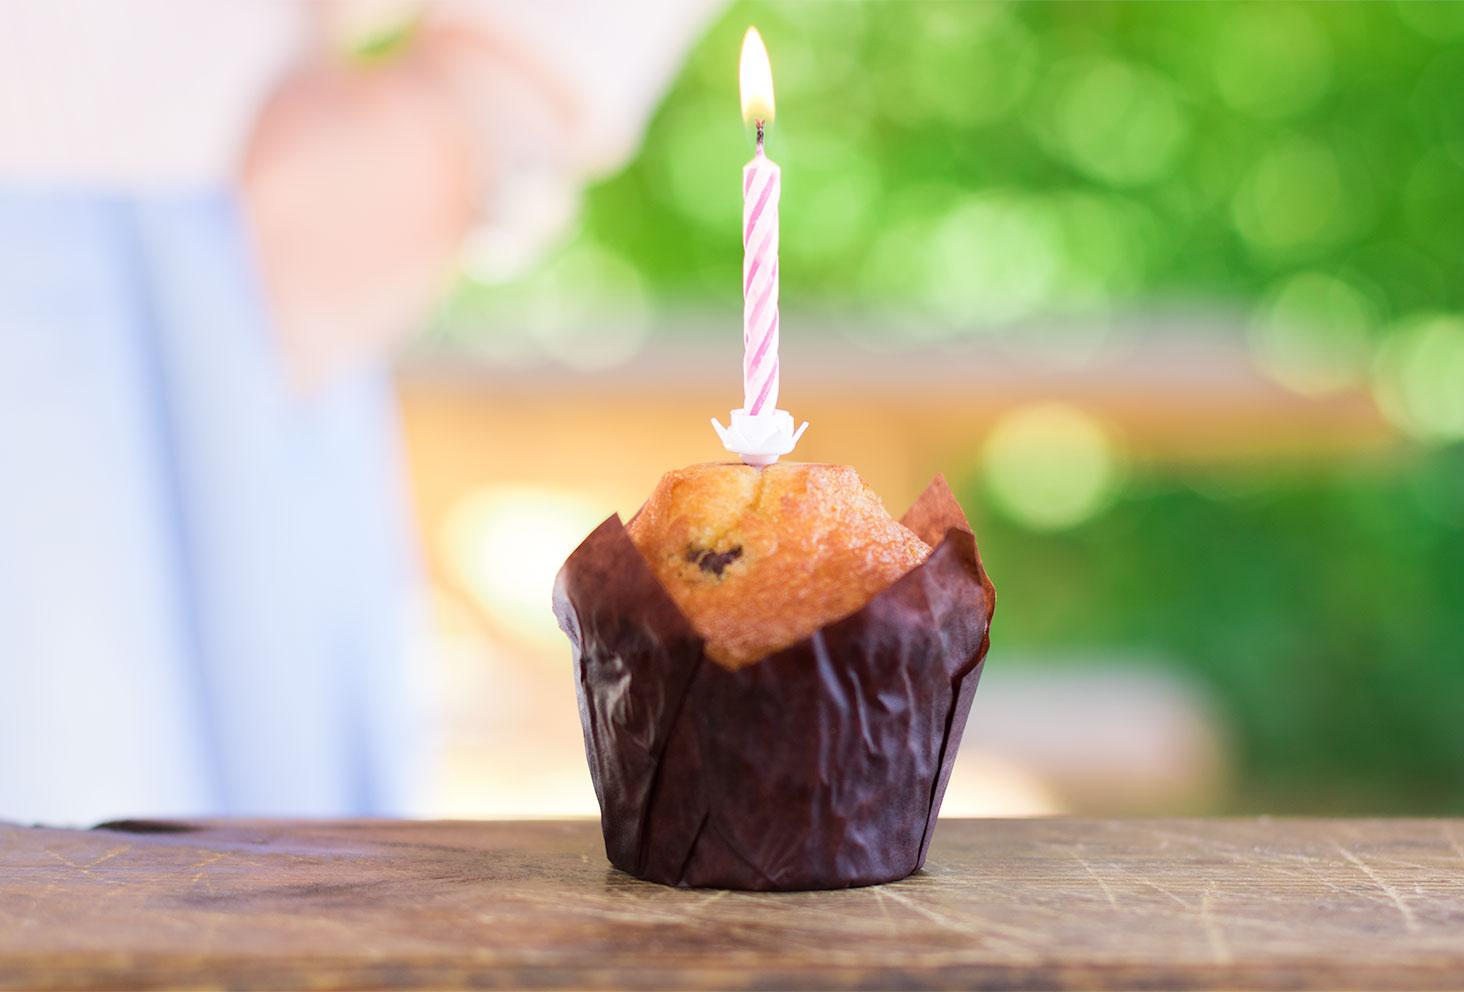 Bougie rose d'anniversaire sur muffin chocolat/noisettes pour les 26 ans